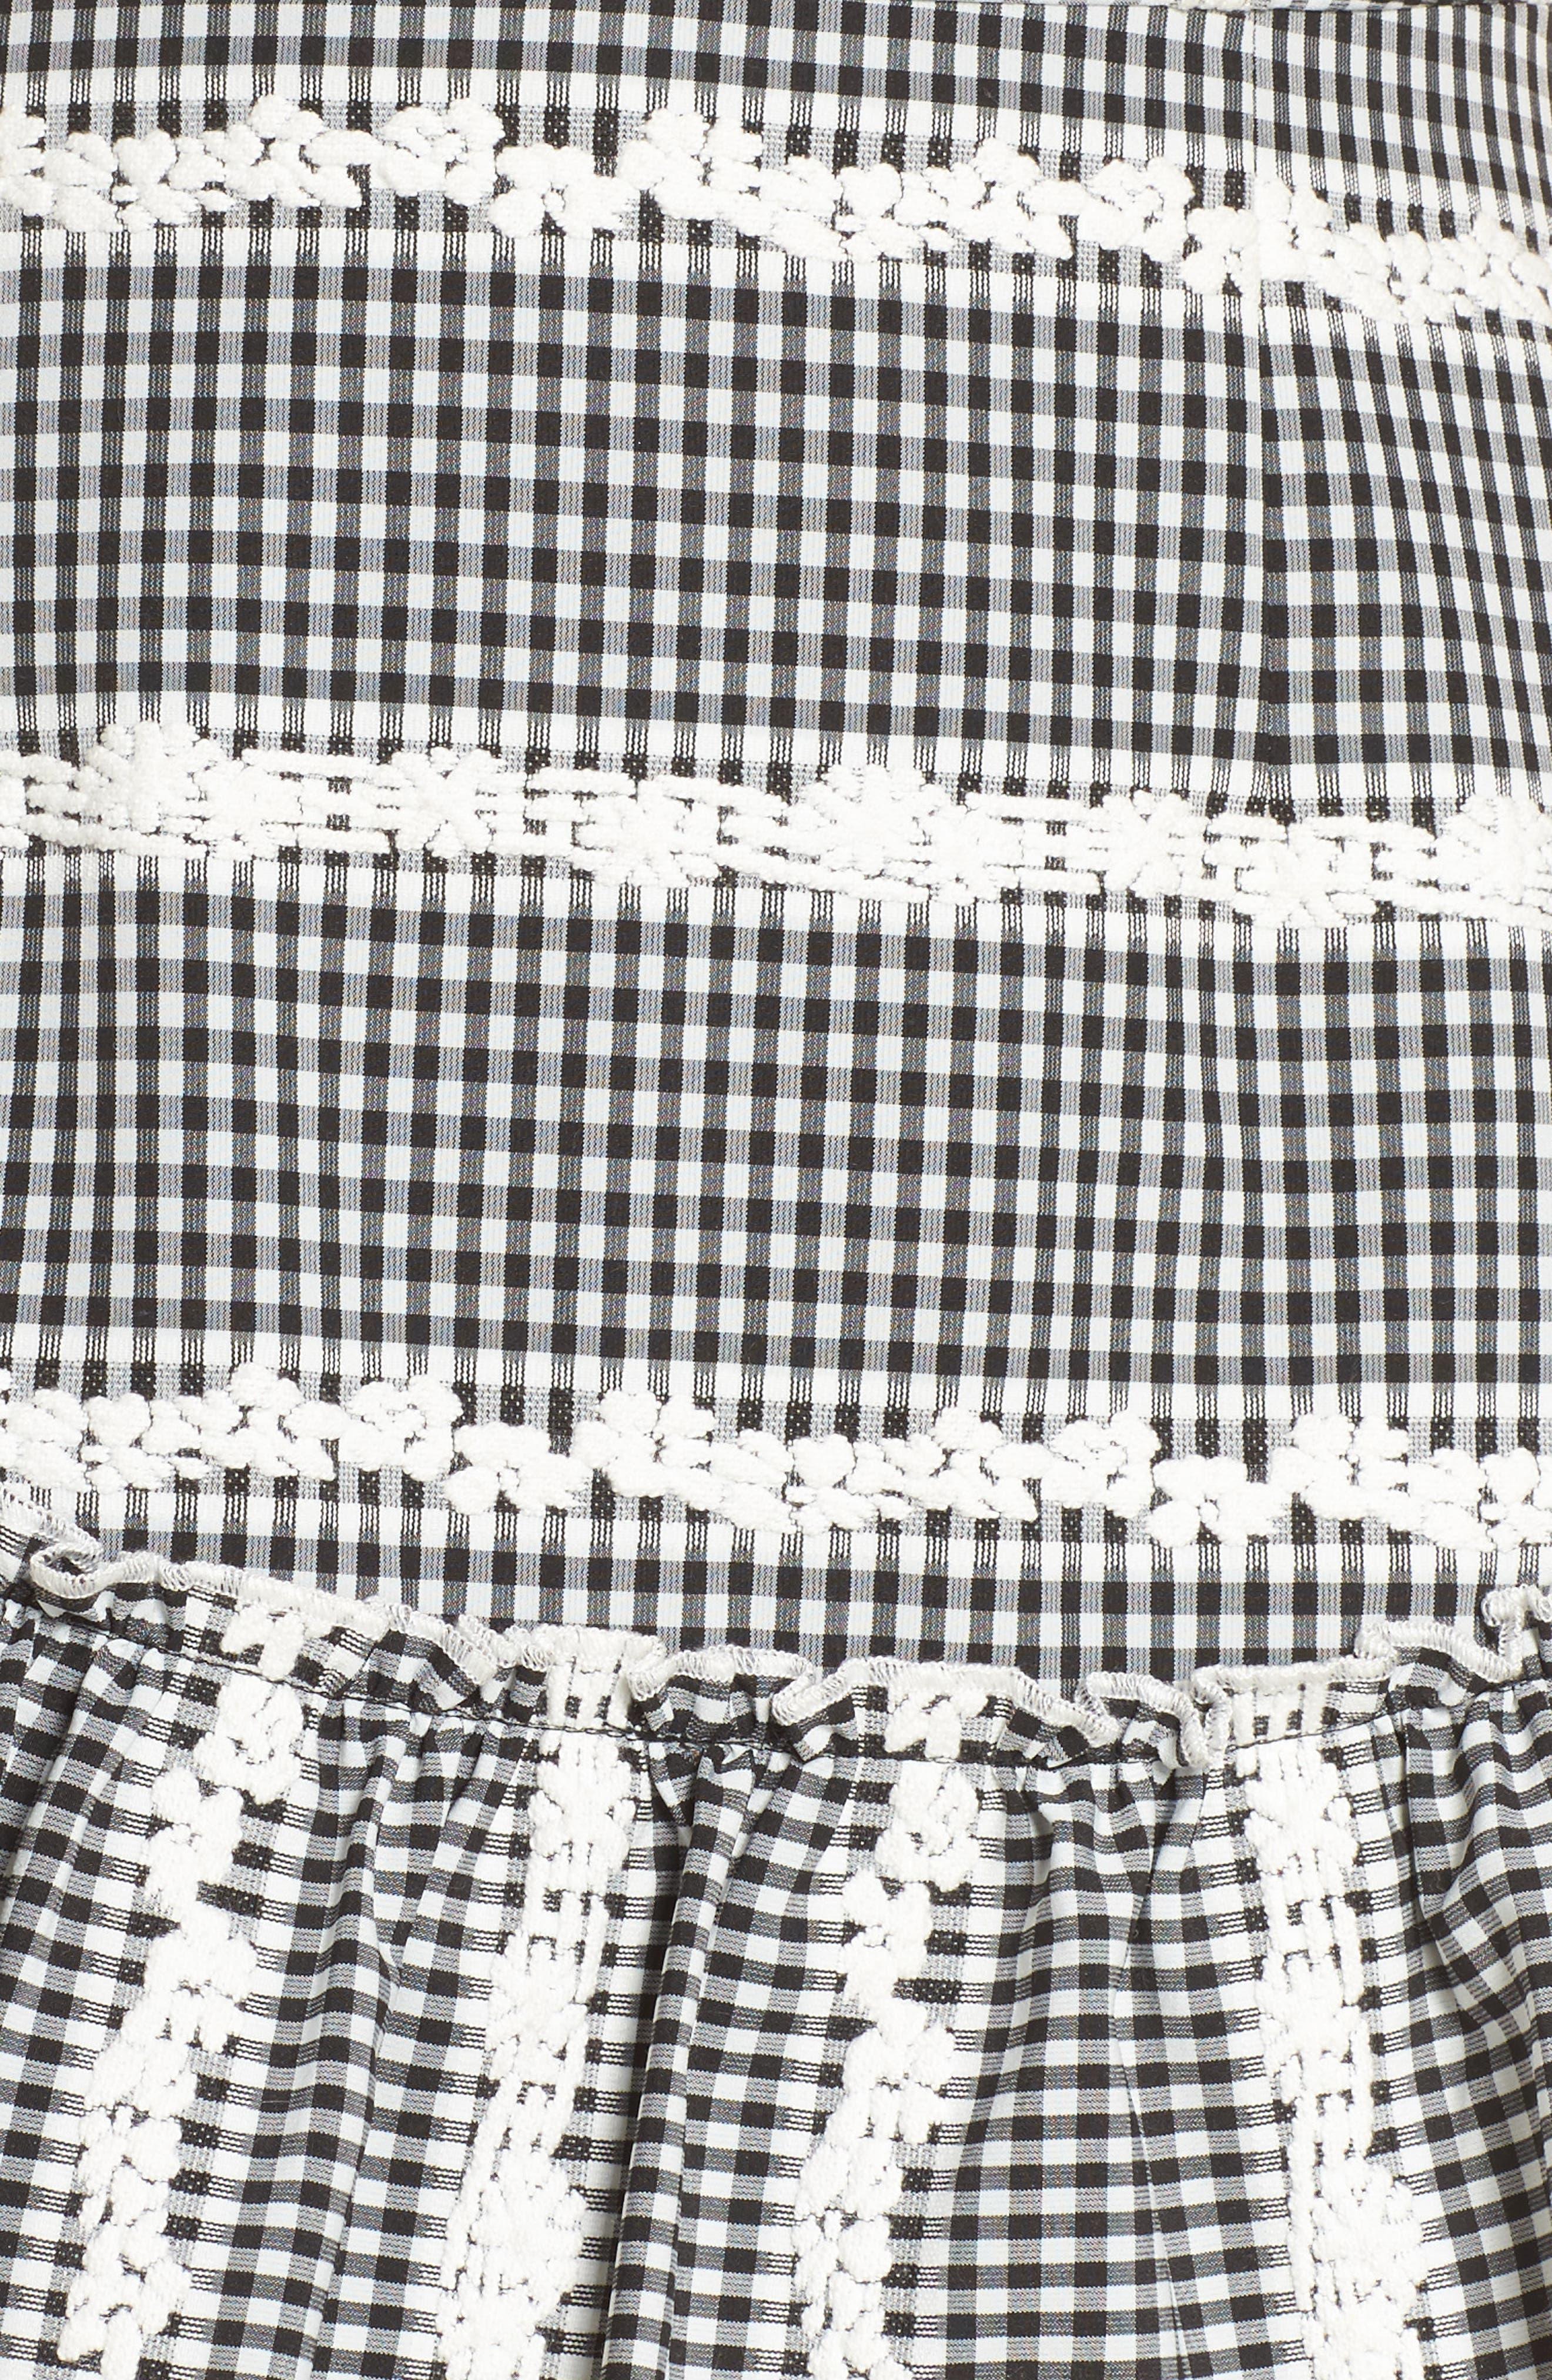 Belle Ruffle Gingham Dress,                             Alternate thumbnail 5, color,                             Black/ White